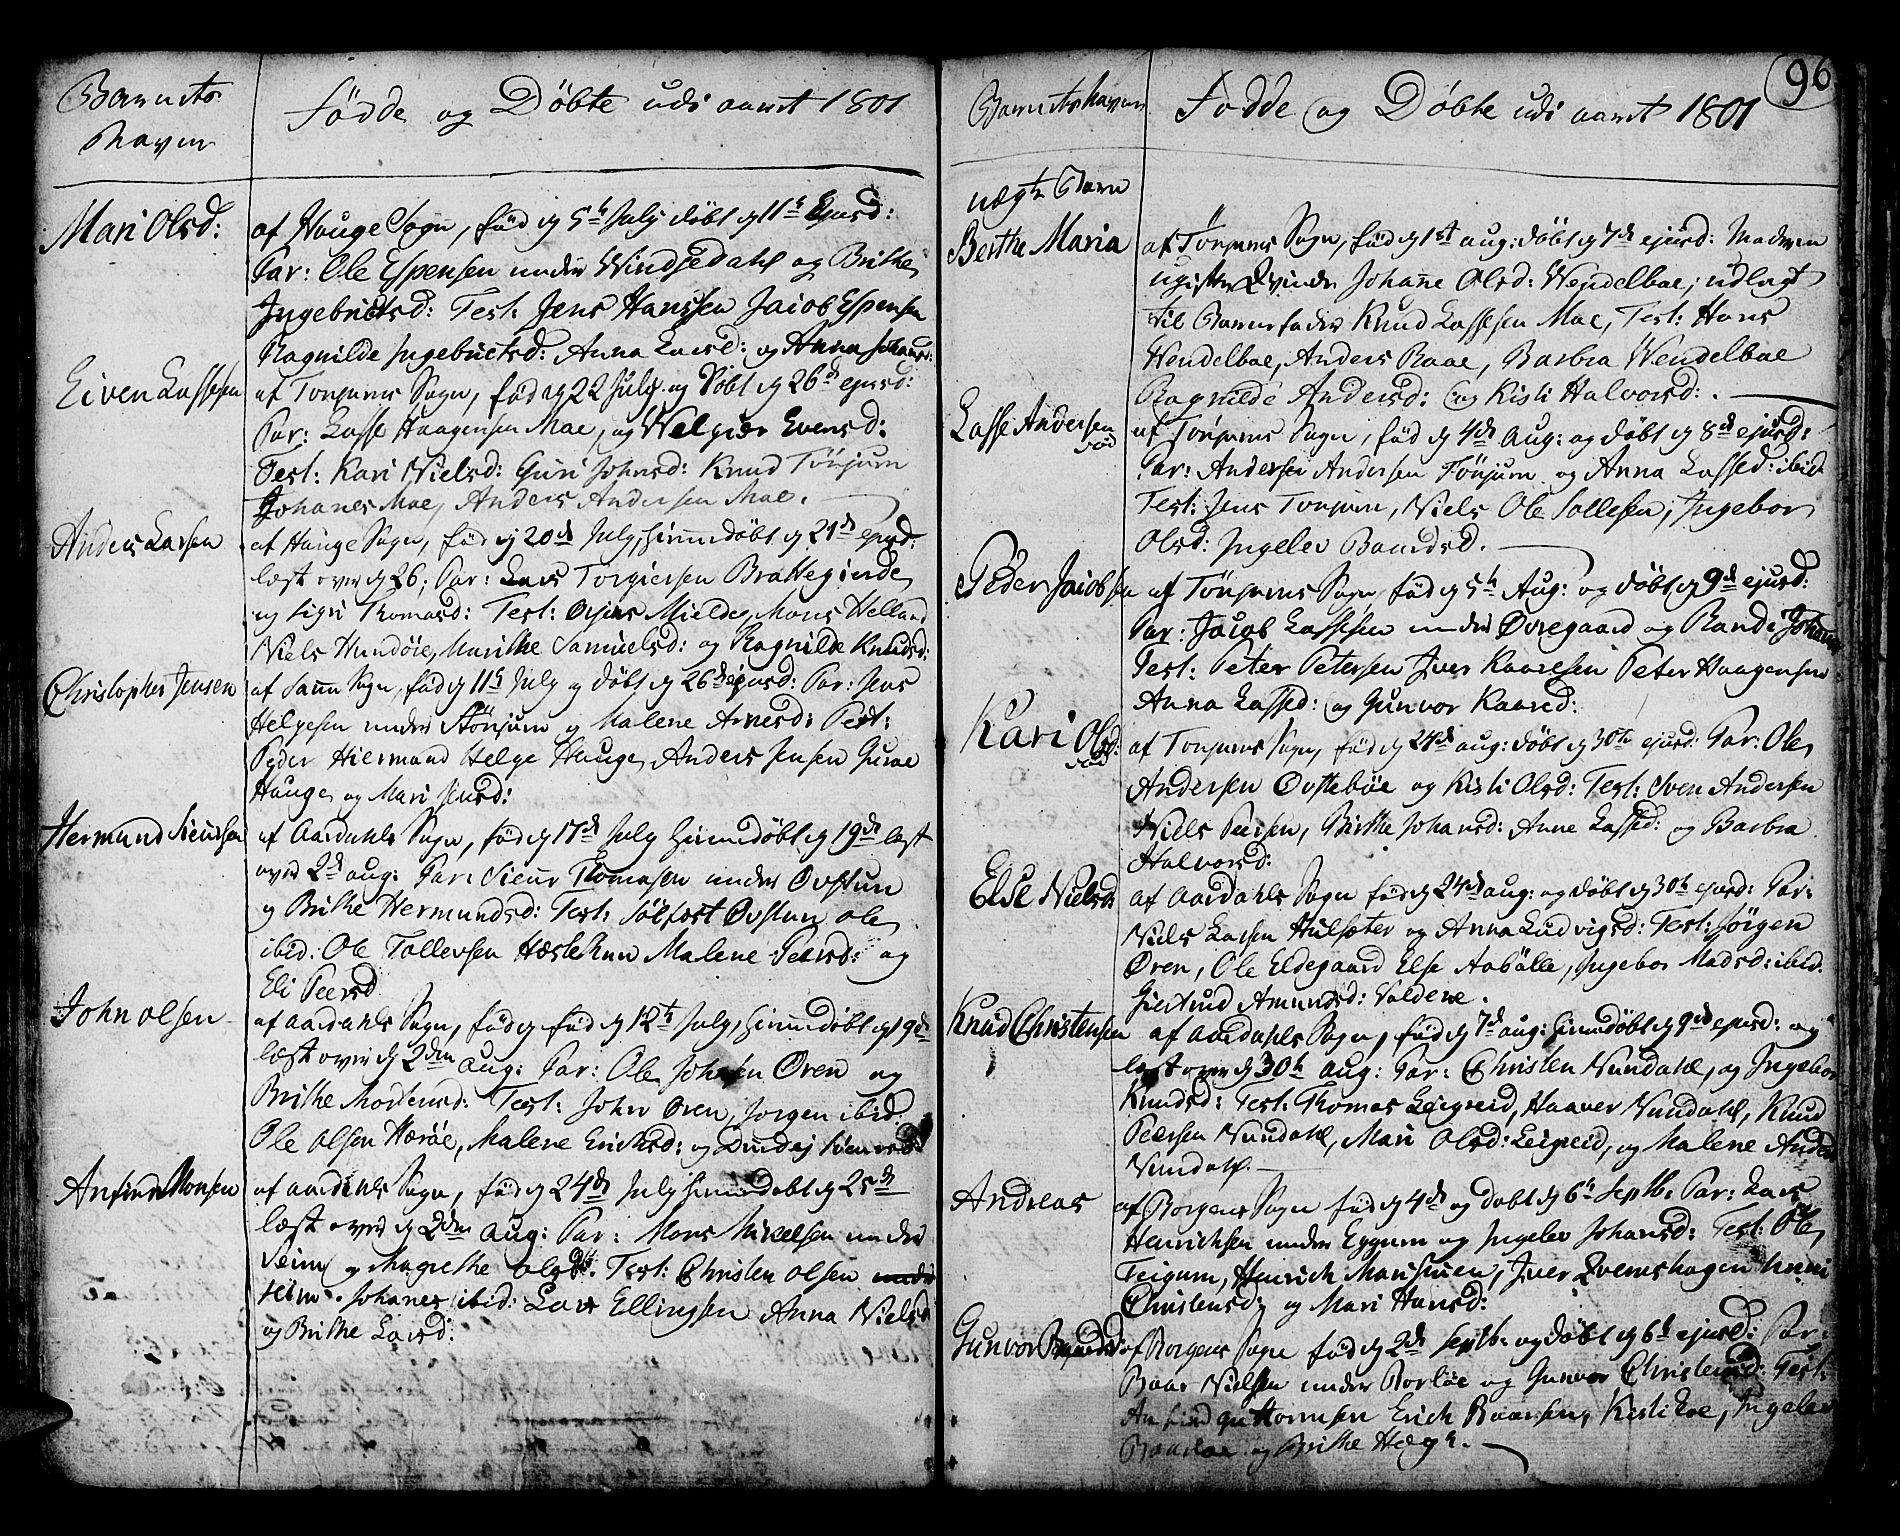 SAB, Lærdal sokneprestembete, Ministerialbok nr. A 3, 1783-1804, s. 96